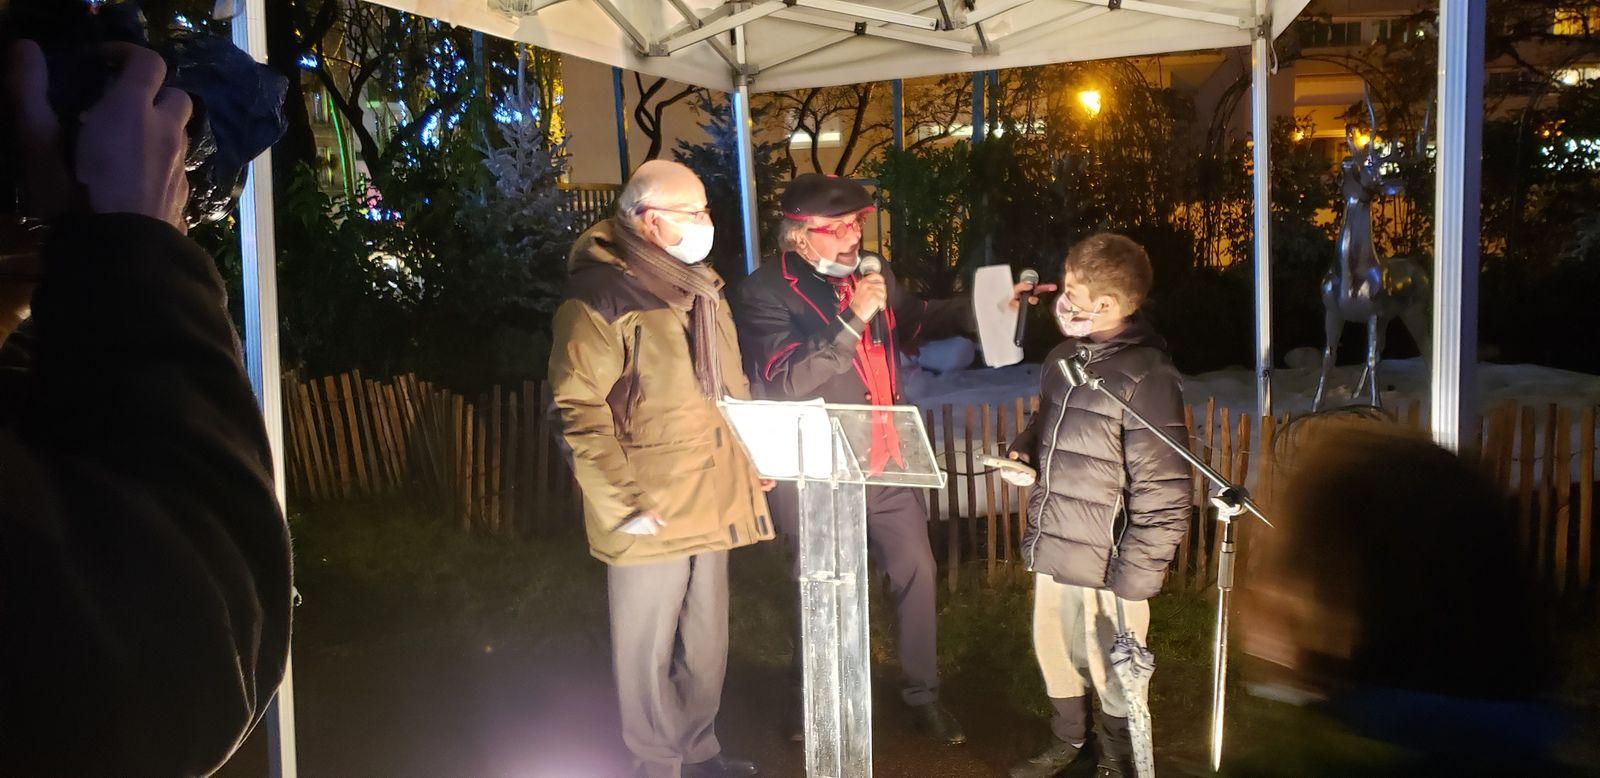 Noël : Lumière sur la ville avec l'inauguration des illuminations à Colombes